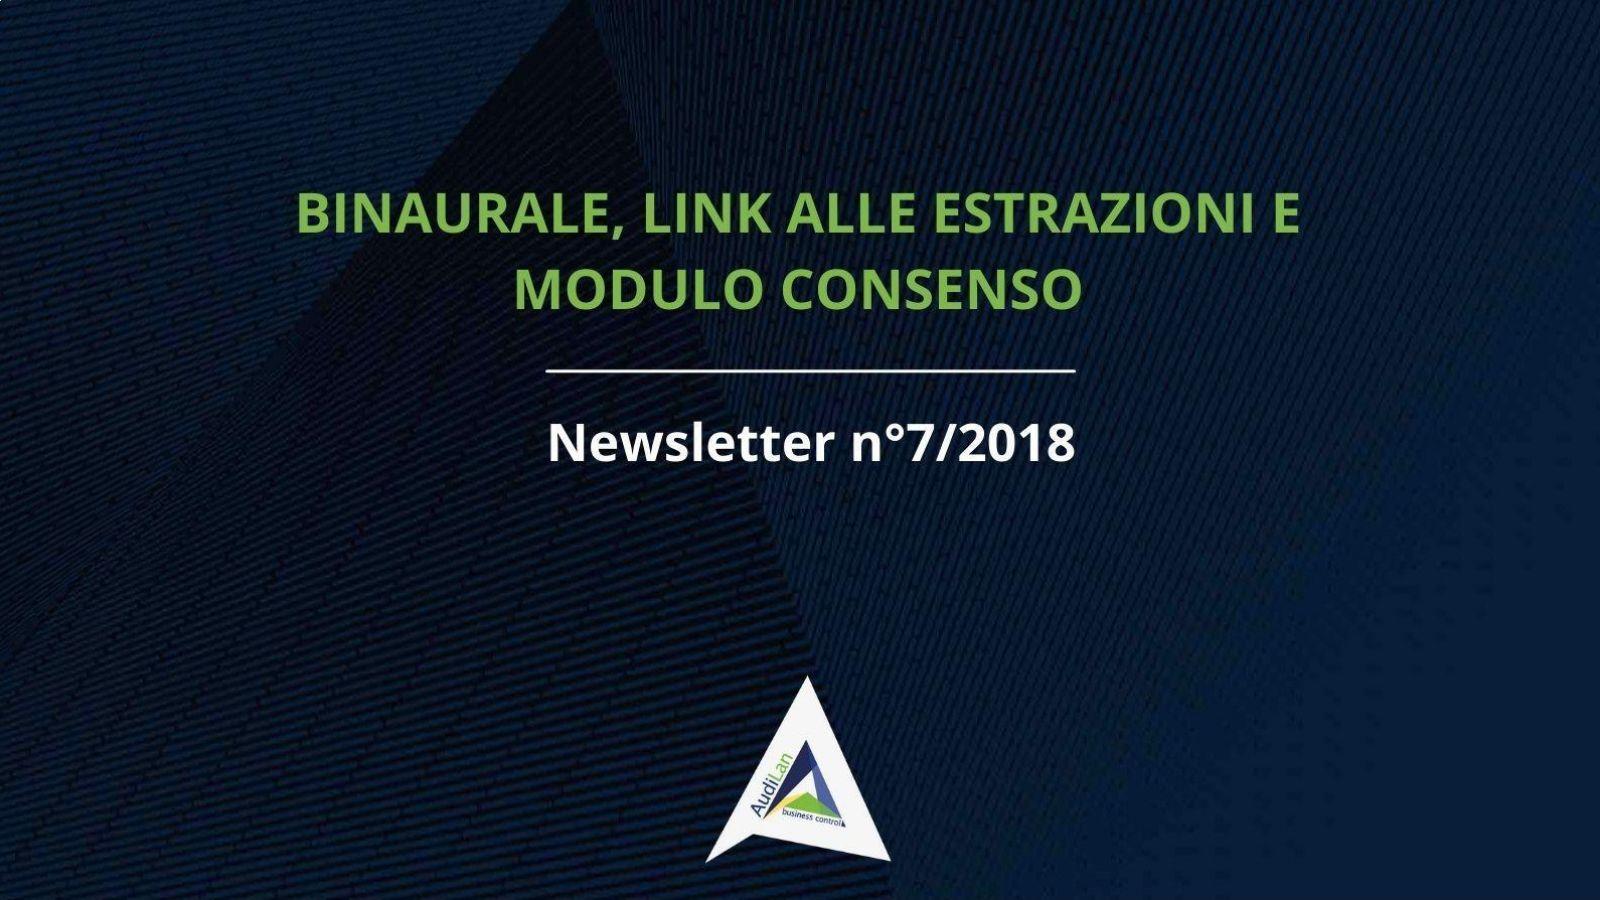 binaurale-link-alle-estrazioni-e-modulo-consenso